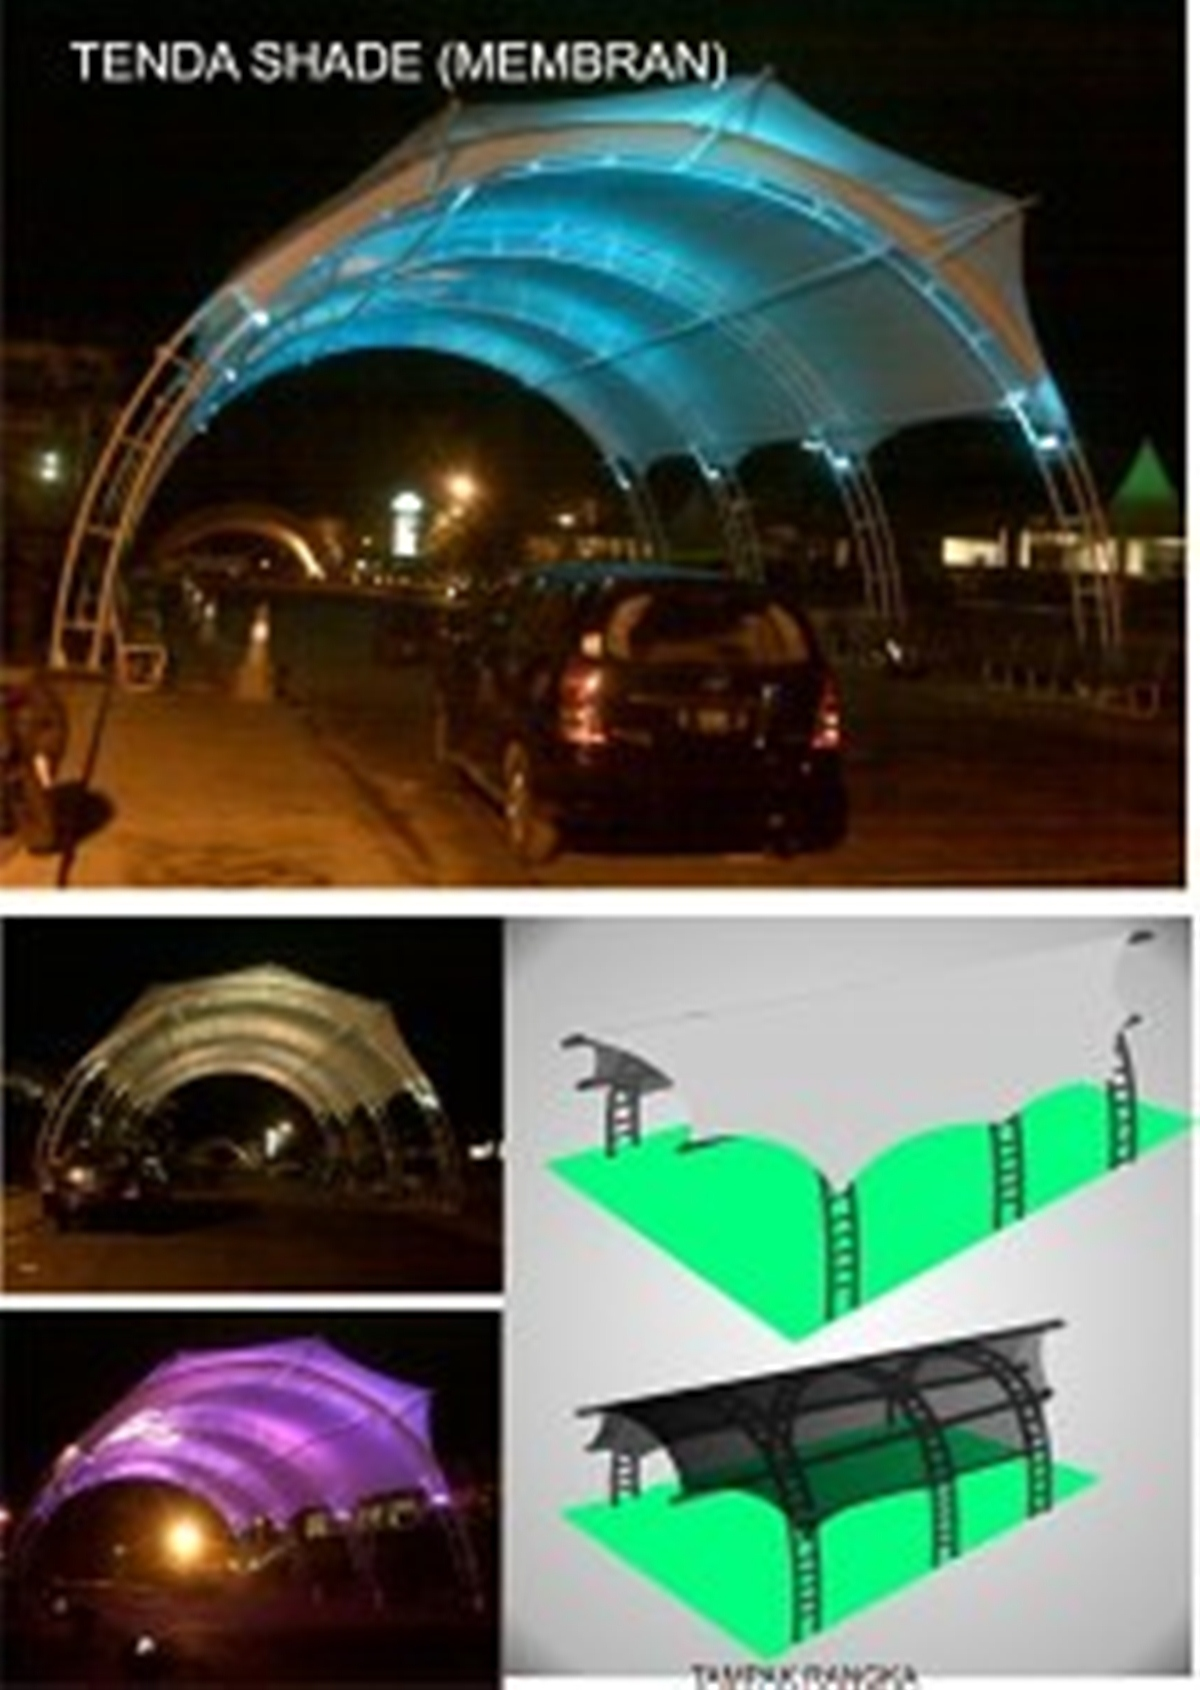 tenda-shade-membran-amp